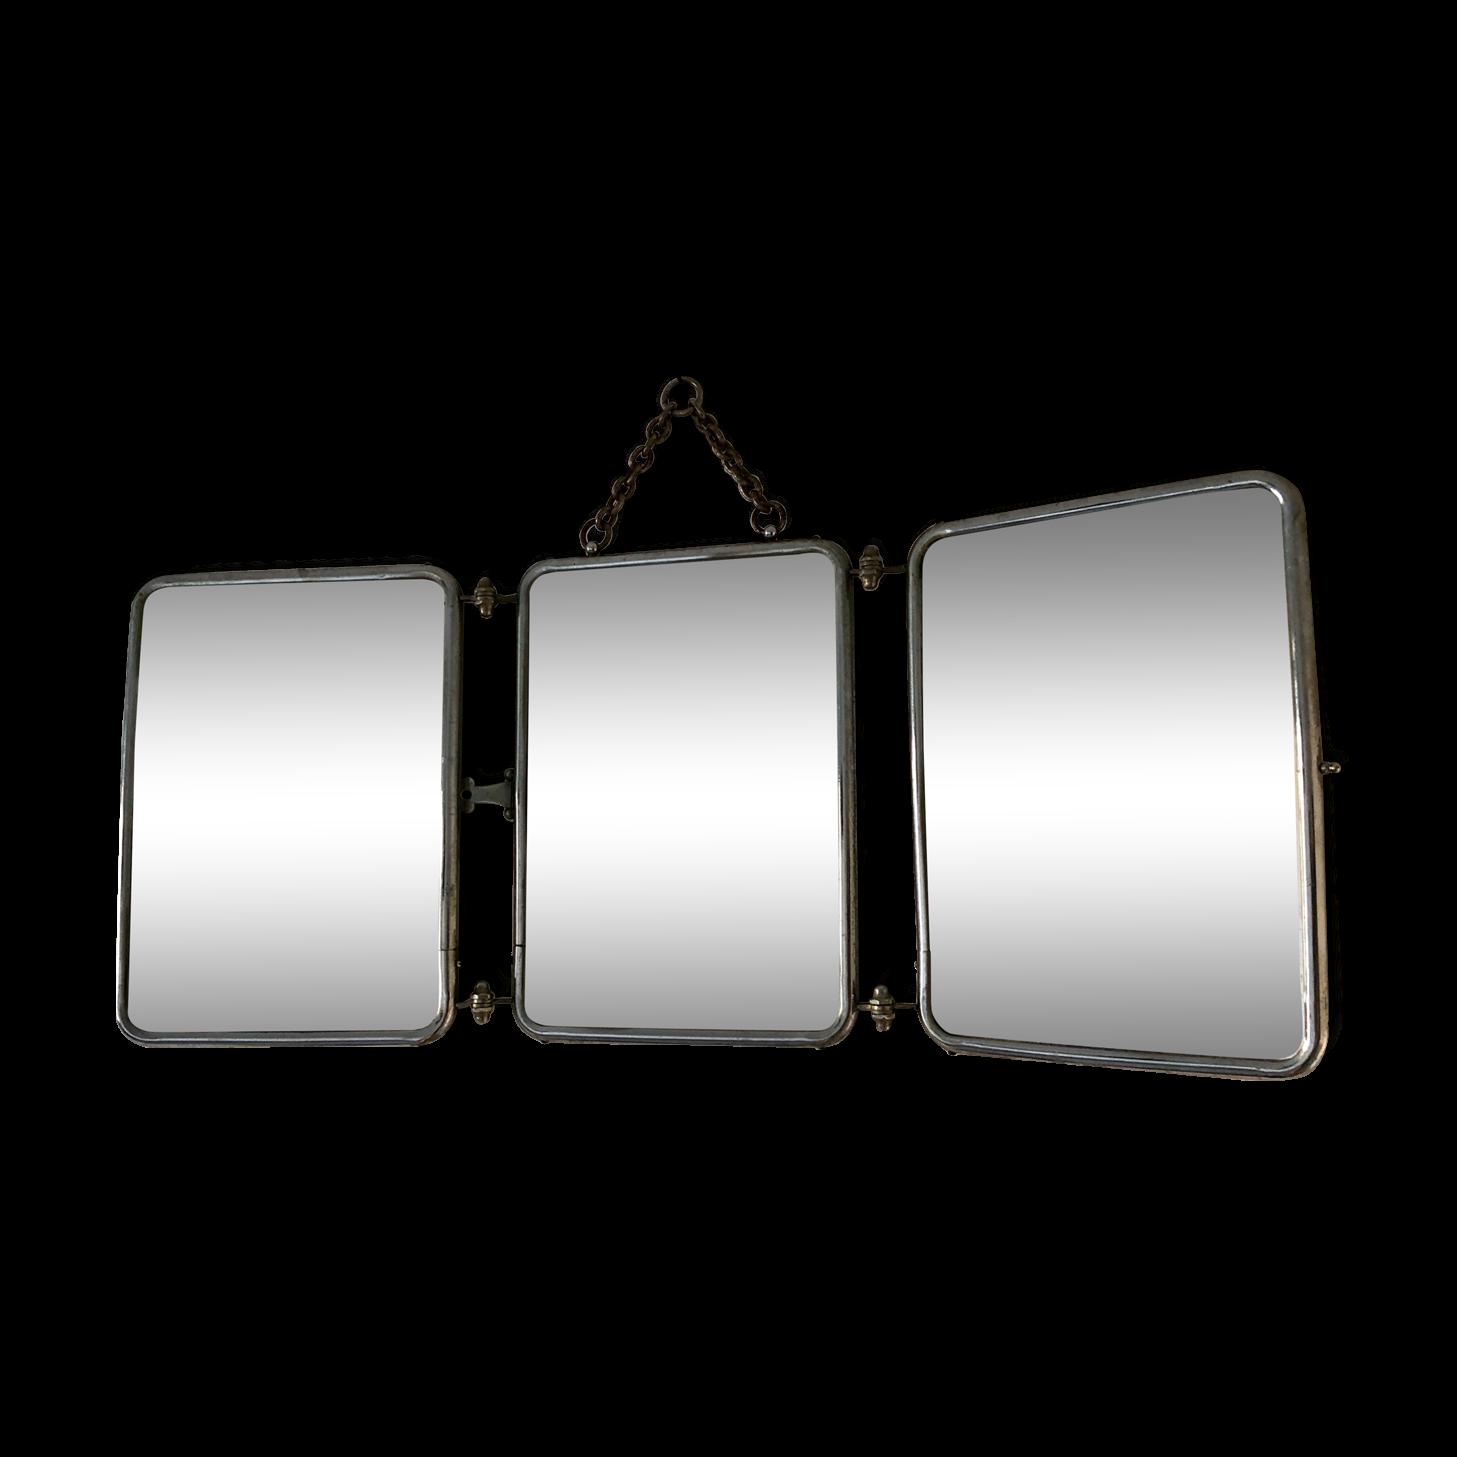 miroir triptyque free miroir triptyque ancien with miroir triptyque elegant miroir triptyque. Black Bedroom Furniture Sets. Home Design Ideas